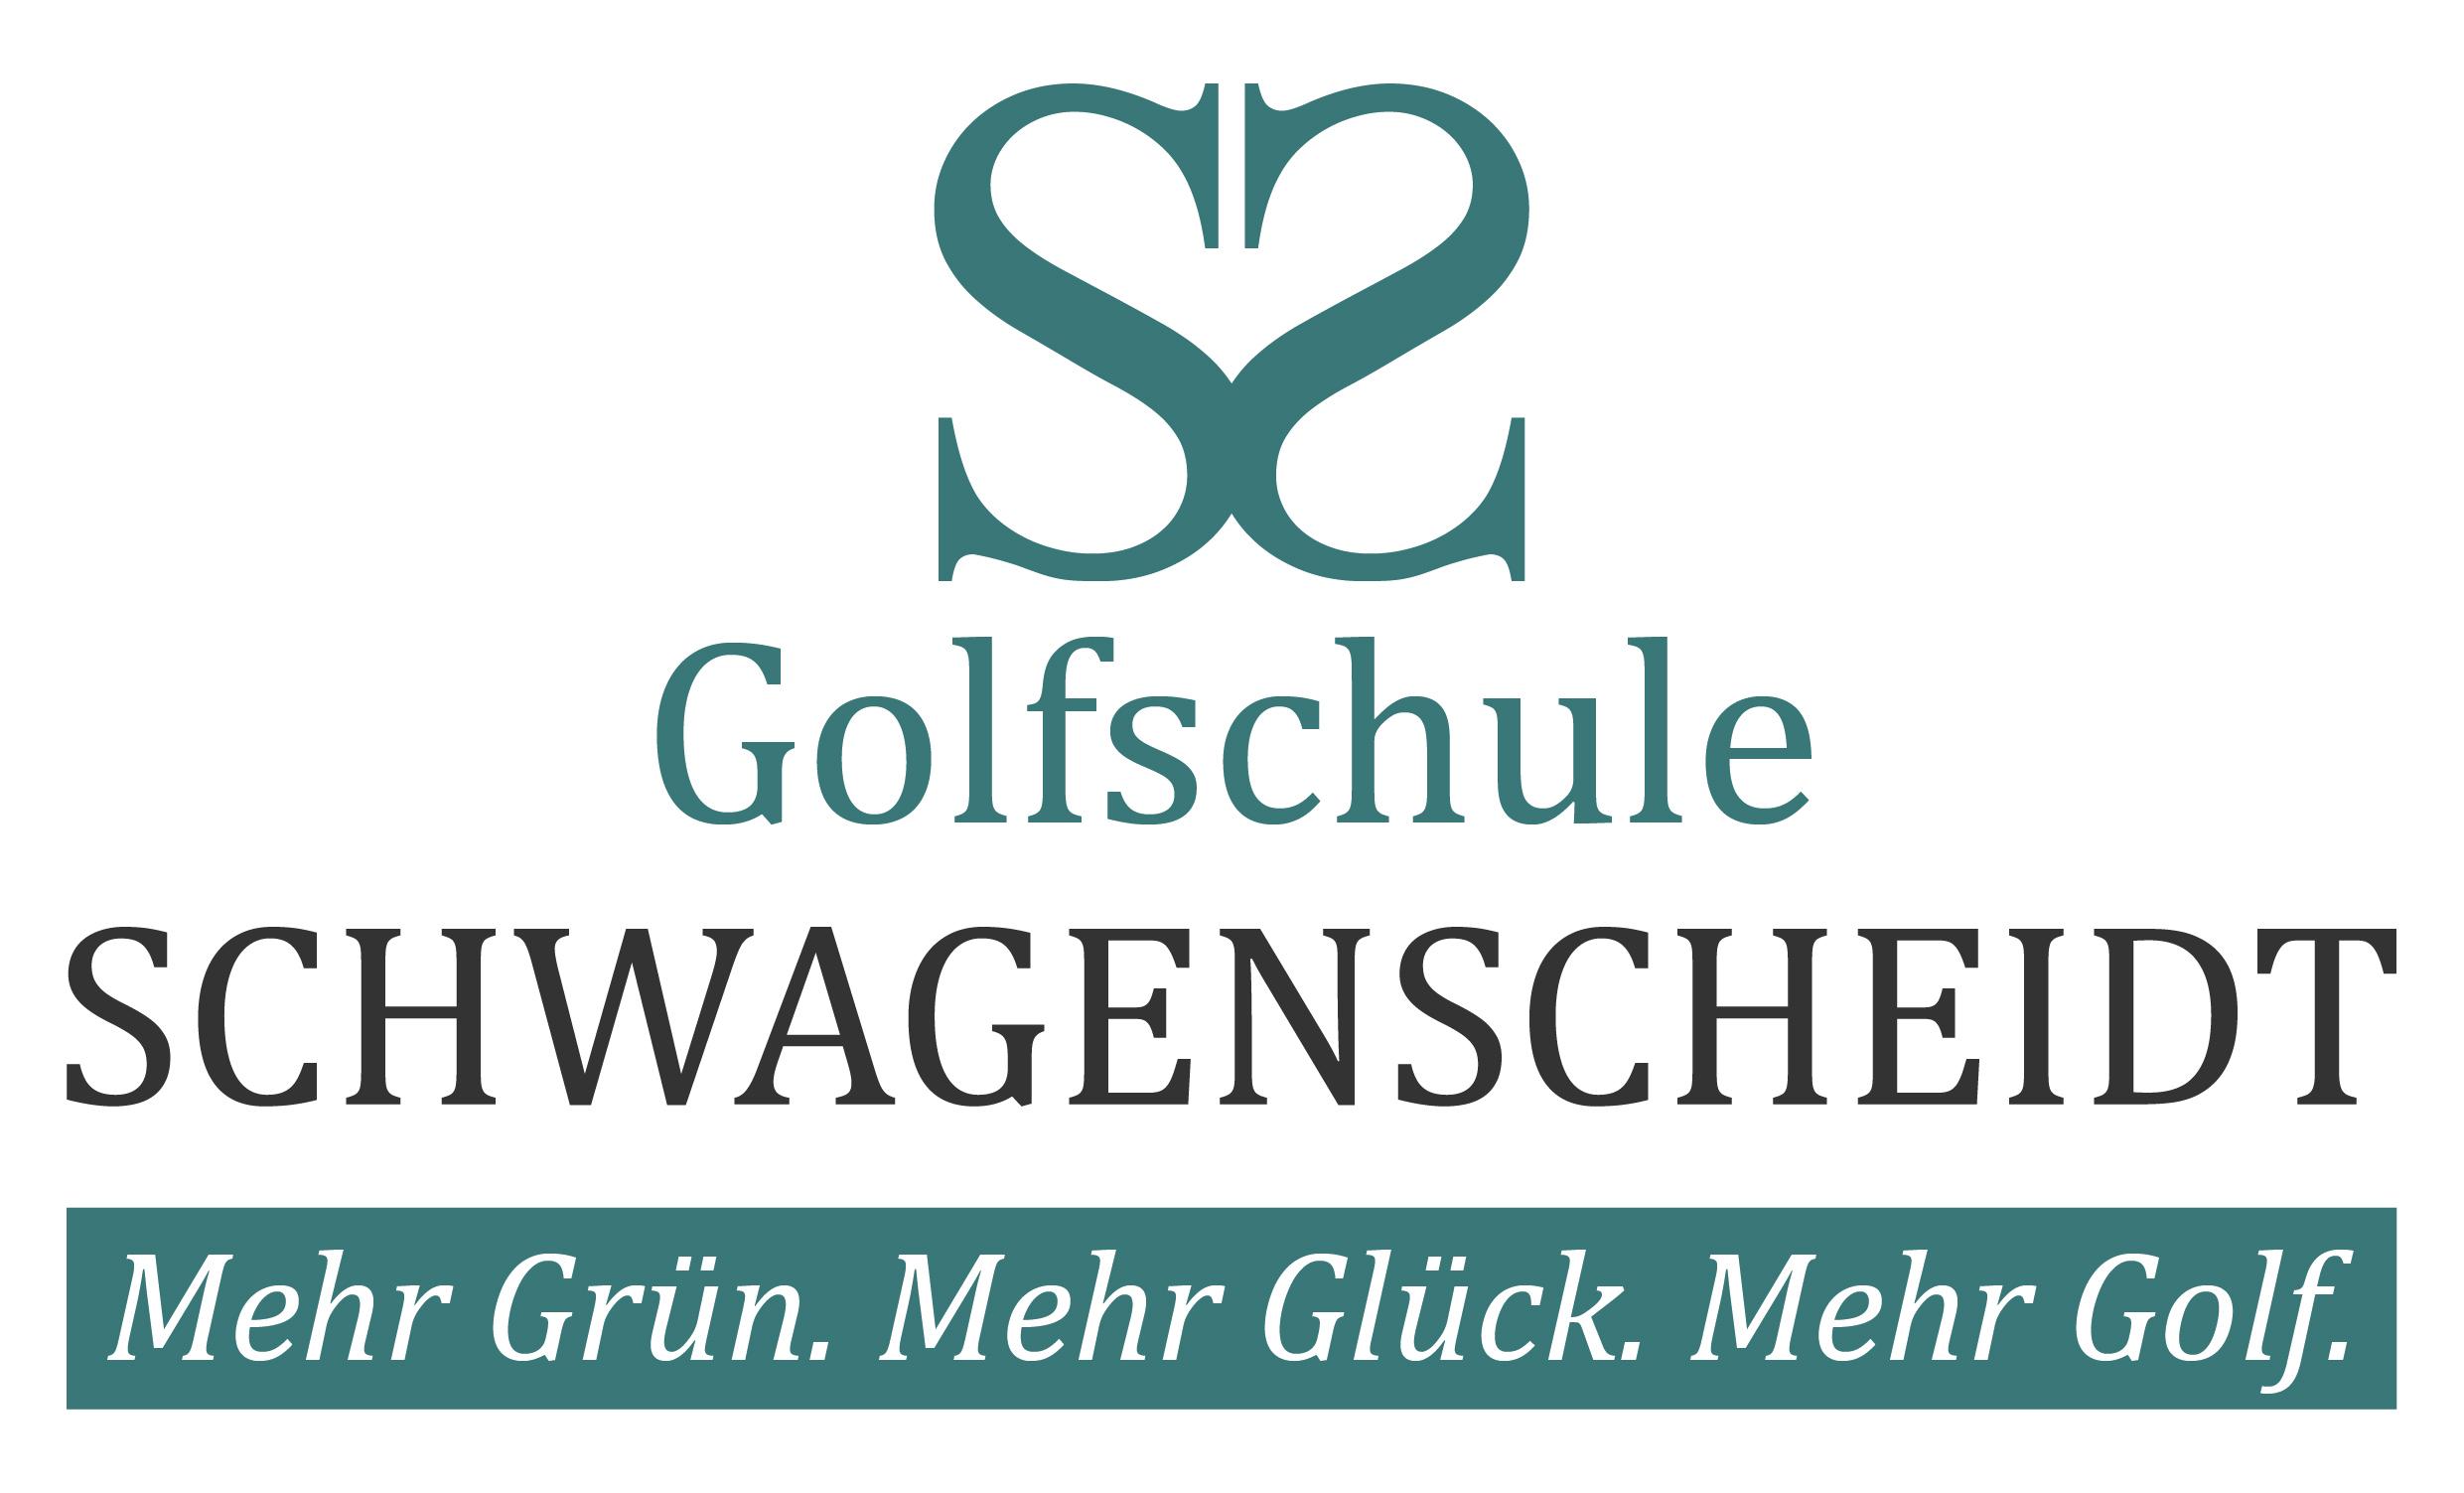 Golfschule-schwagenscheidt-logo